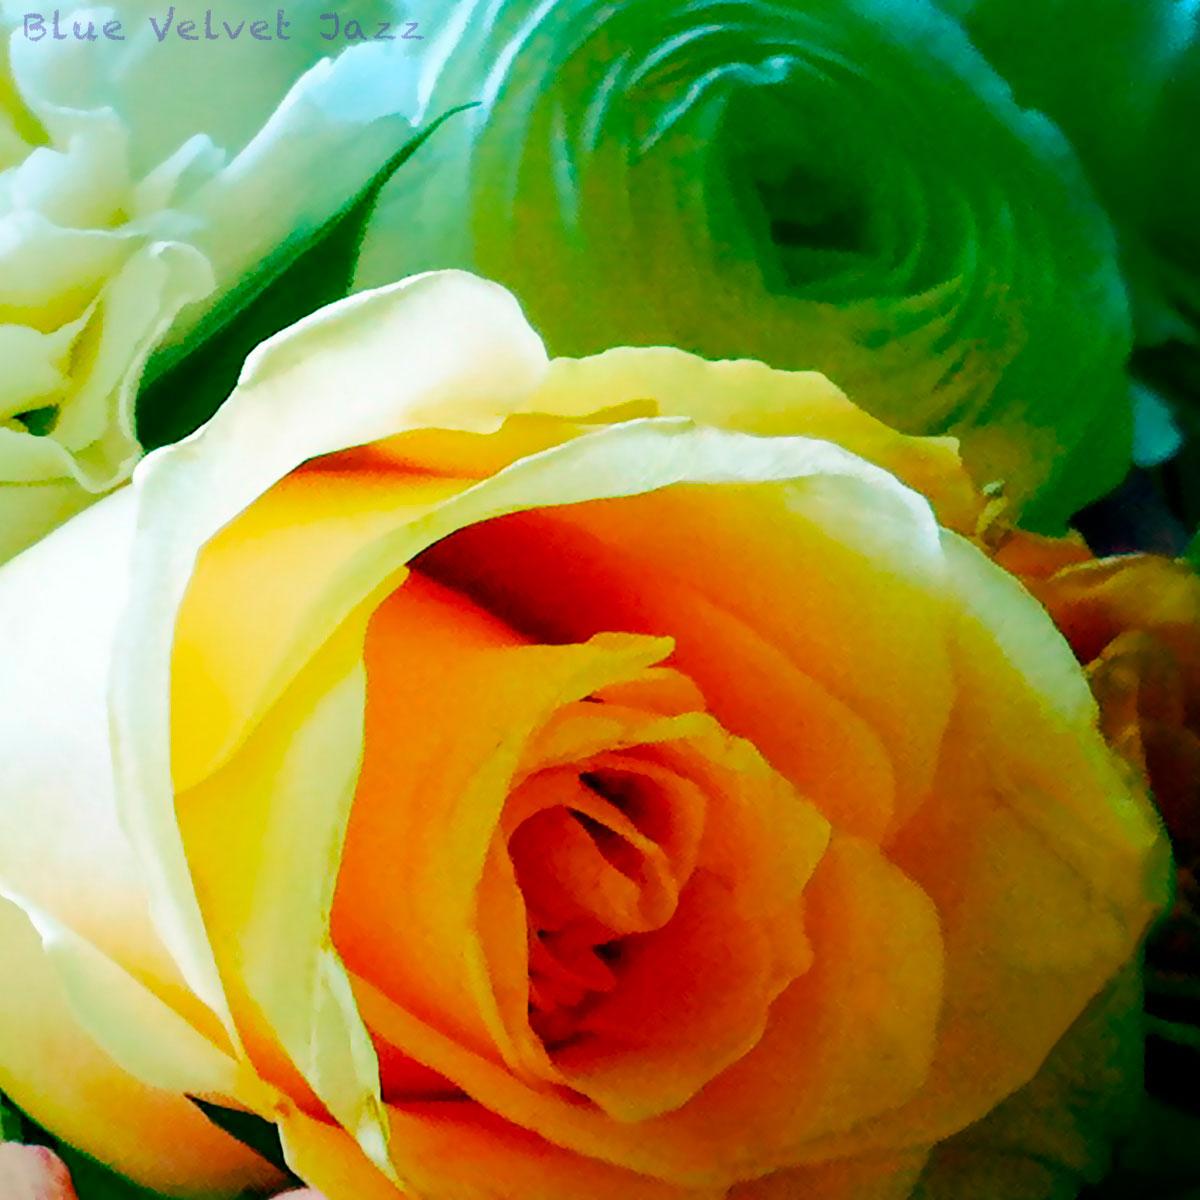 Blue Velvet Jazz Flowers 3